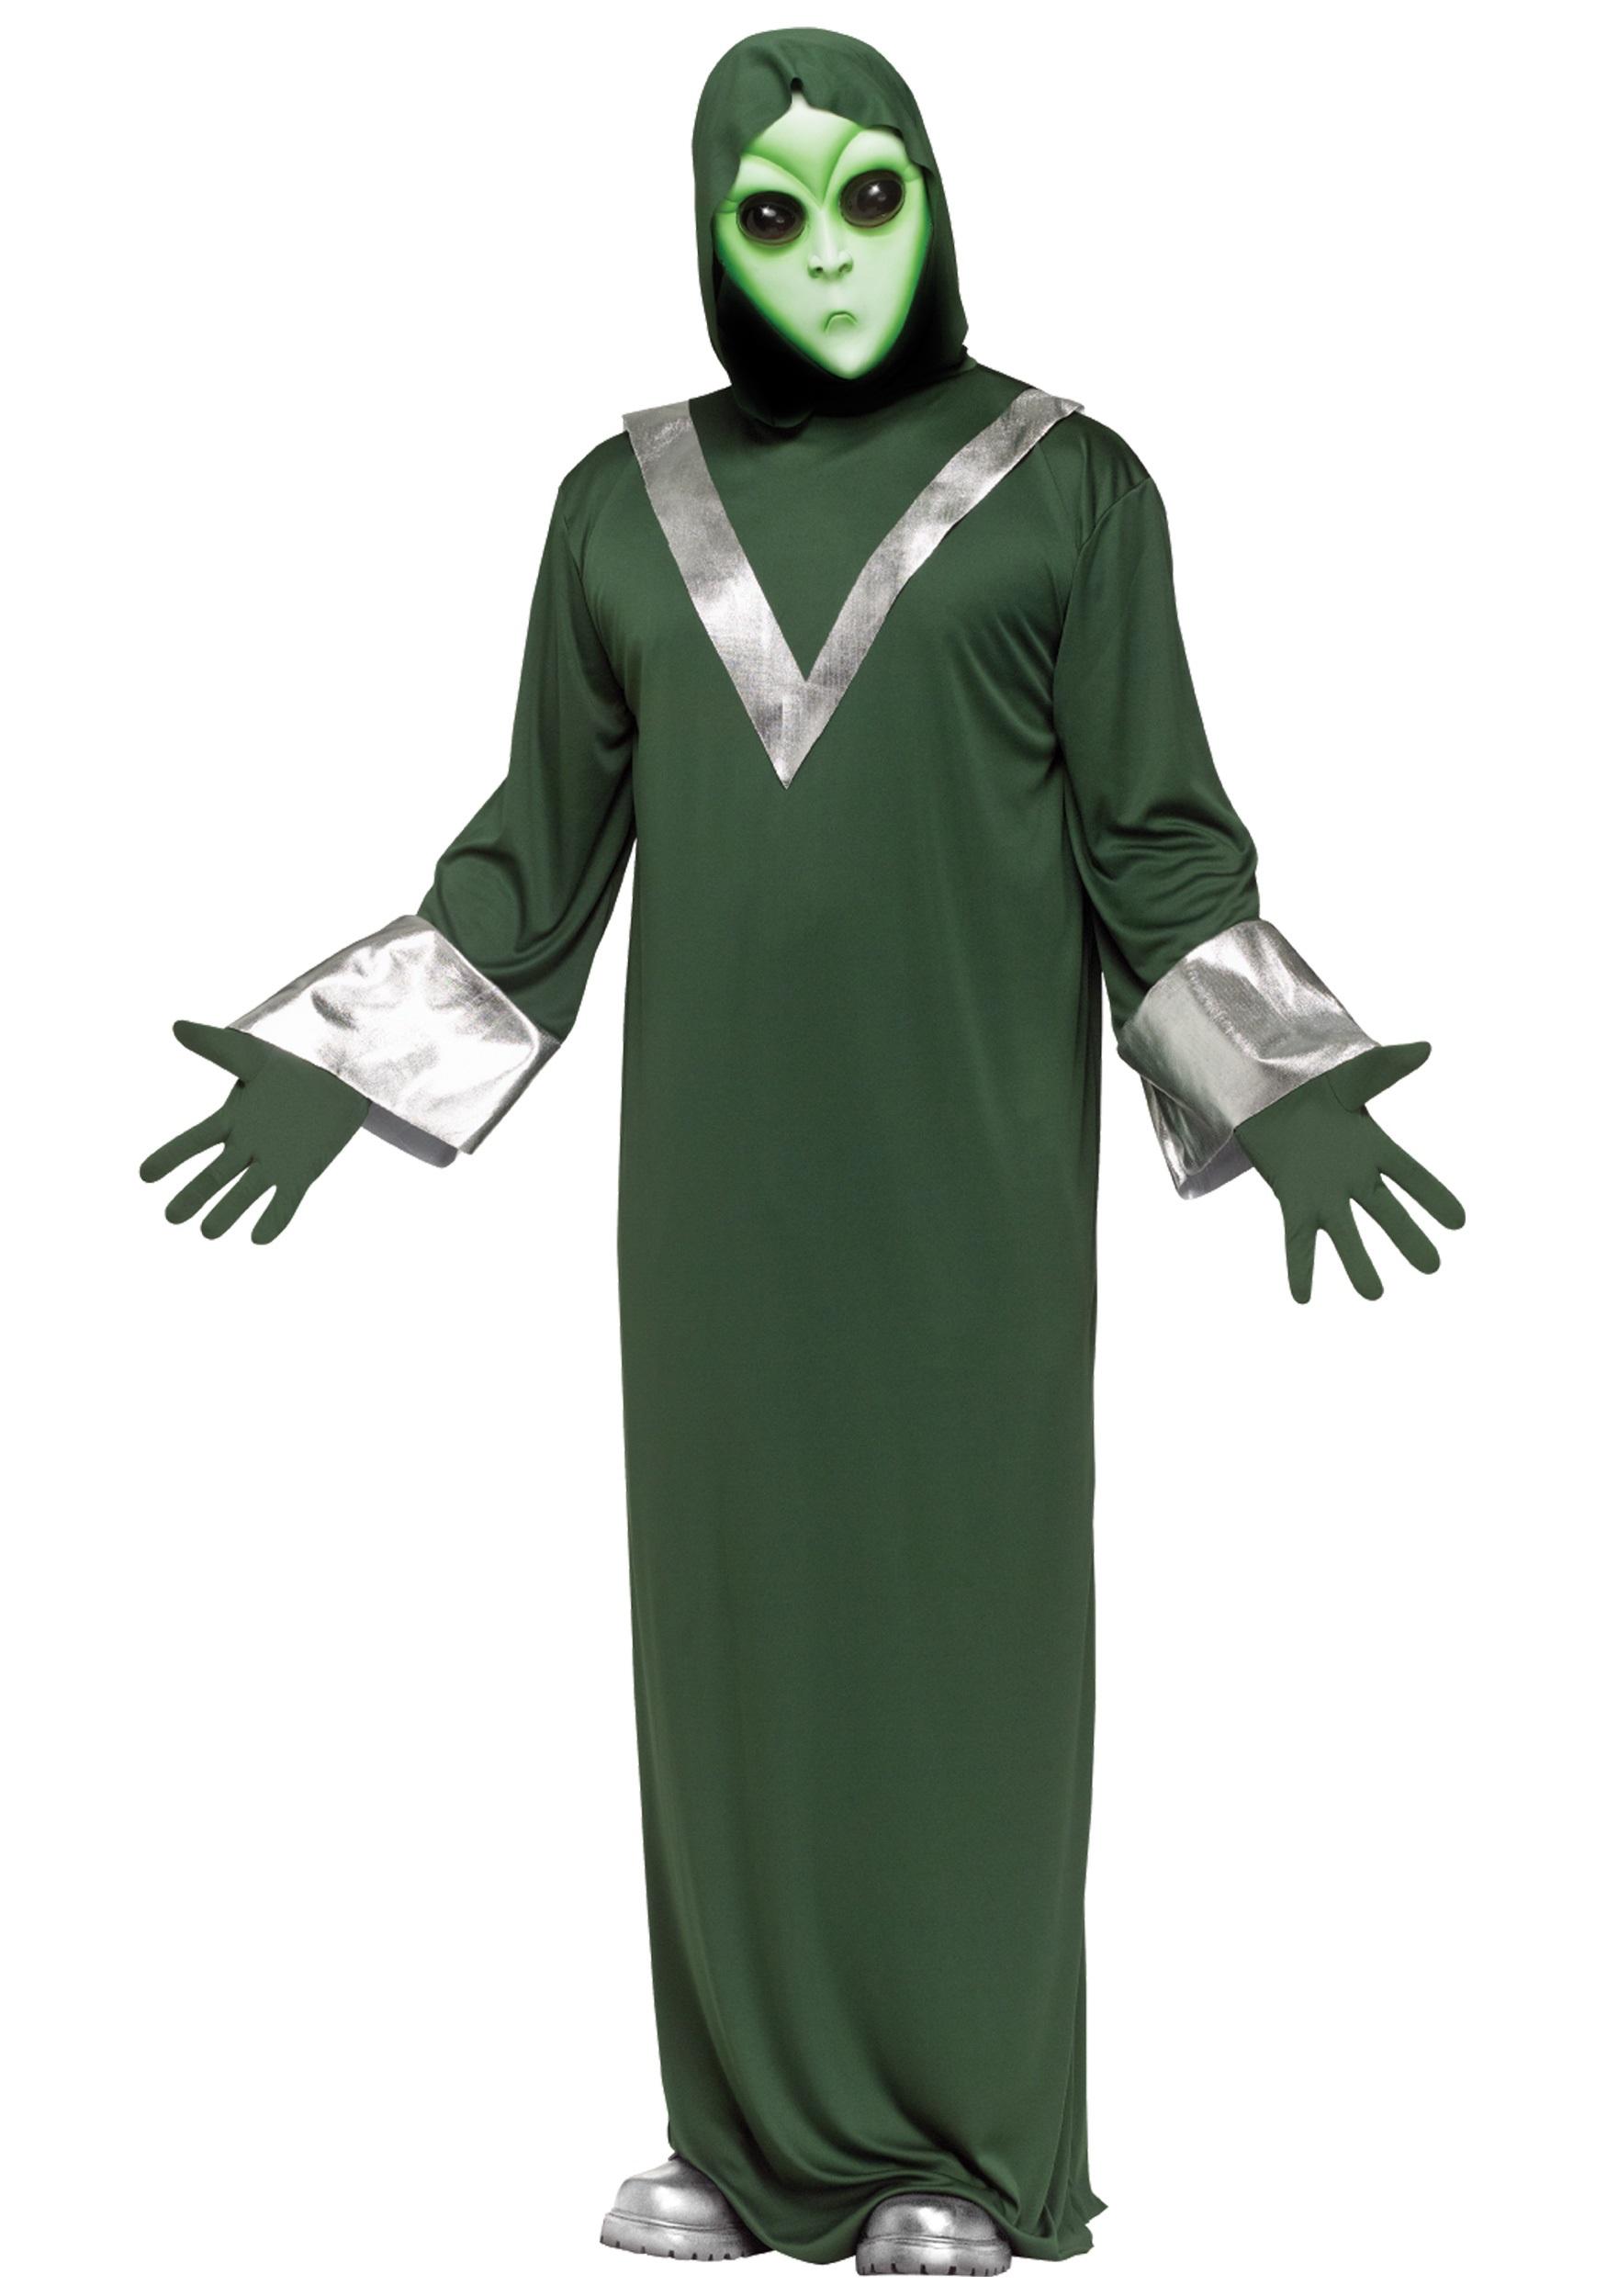 Deep Space Alien Costumes  sc 1 st  Halloween Costumes & Deep Space Alien Costumes - Halloween Costumes